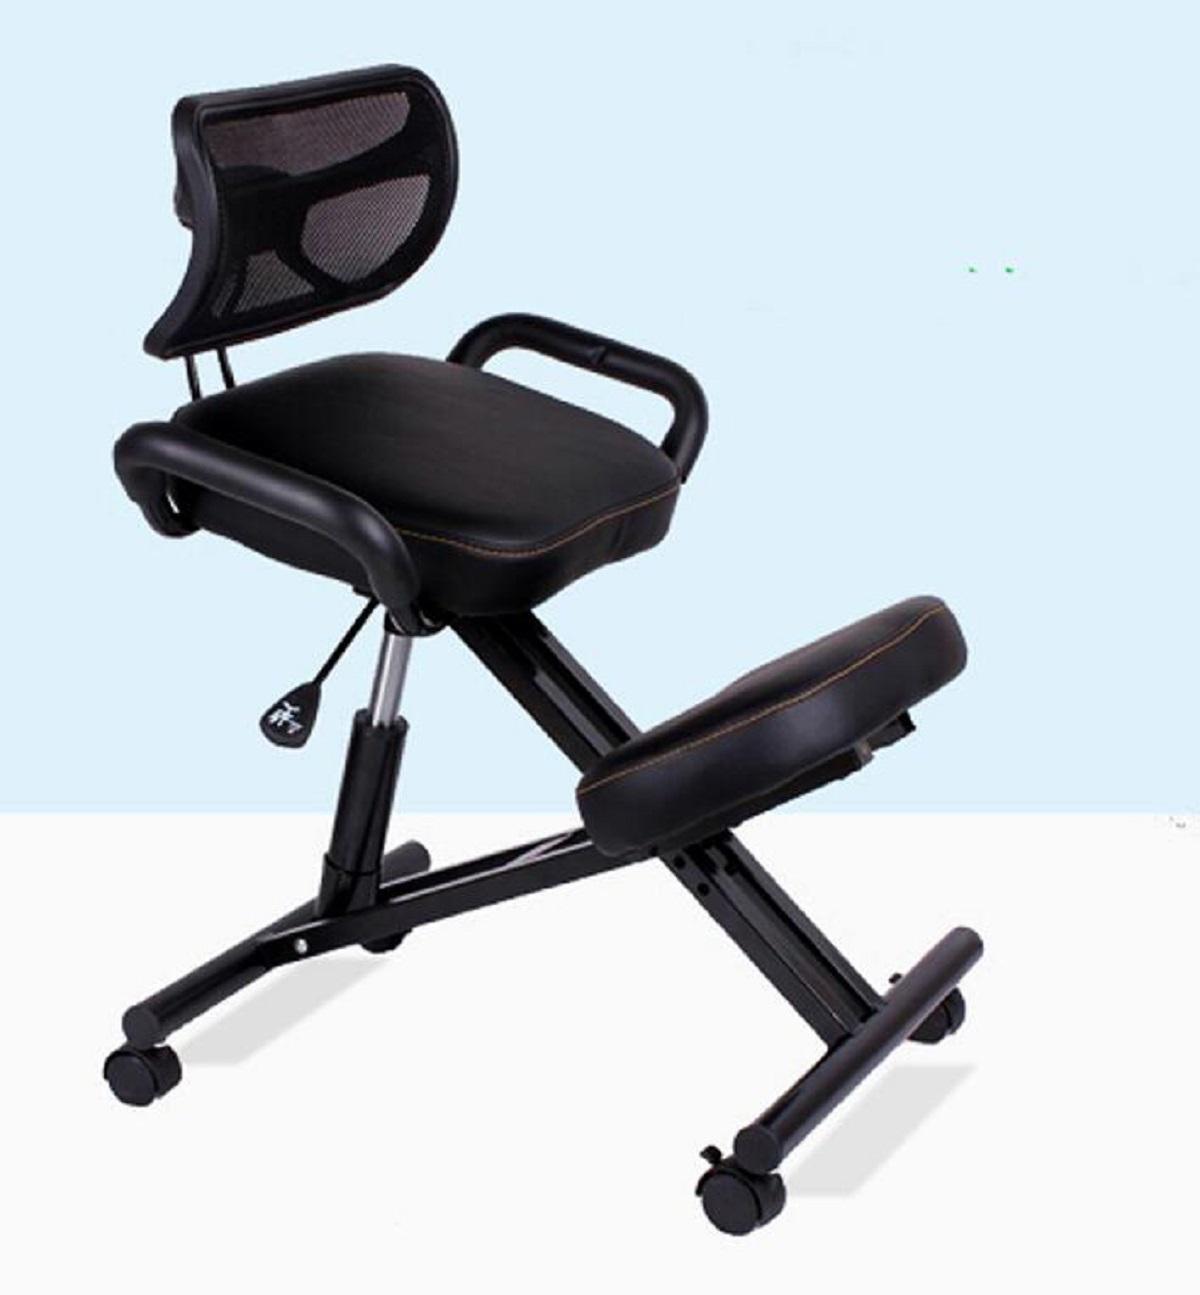 GAOJIAN Chaise ergonomique au genou avec dossier et poignée Bureau Chaise à genoux Chaise ergonomique à posture